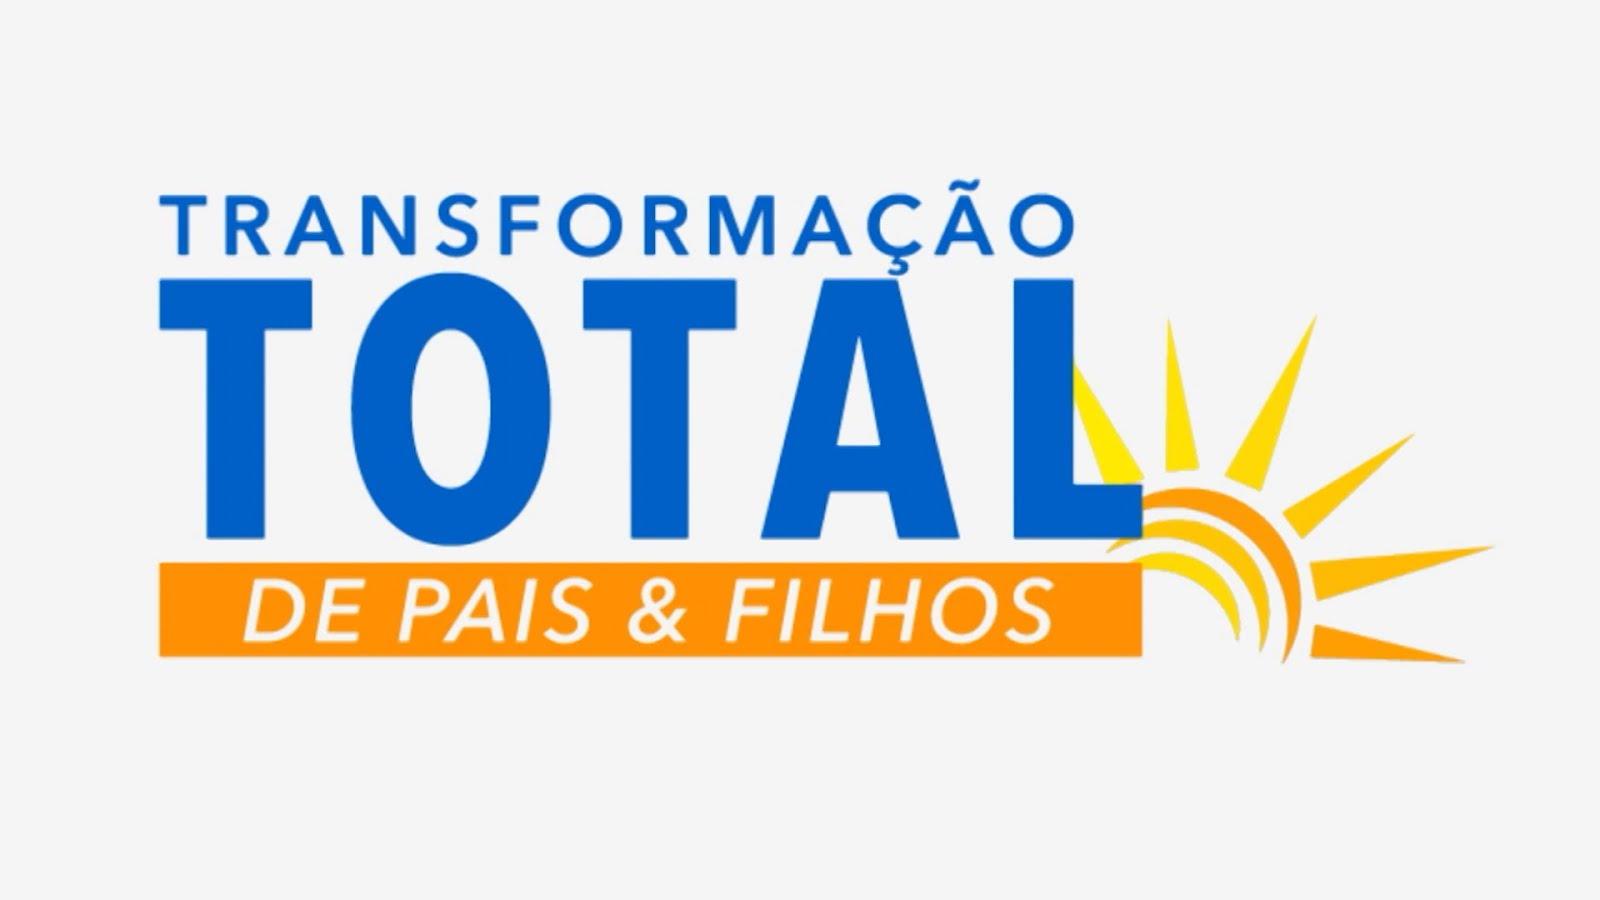 TRANSFORMA-ÇÃO TOTAL DE PAIS E FILHOS